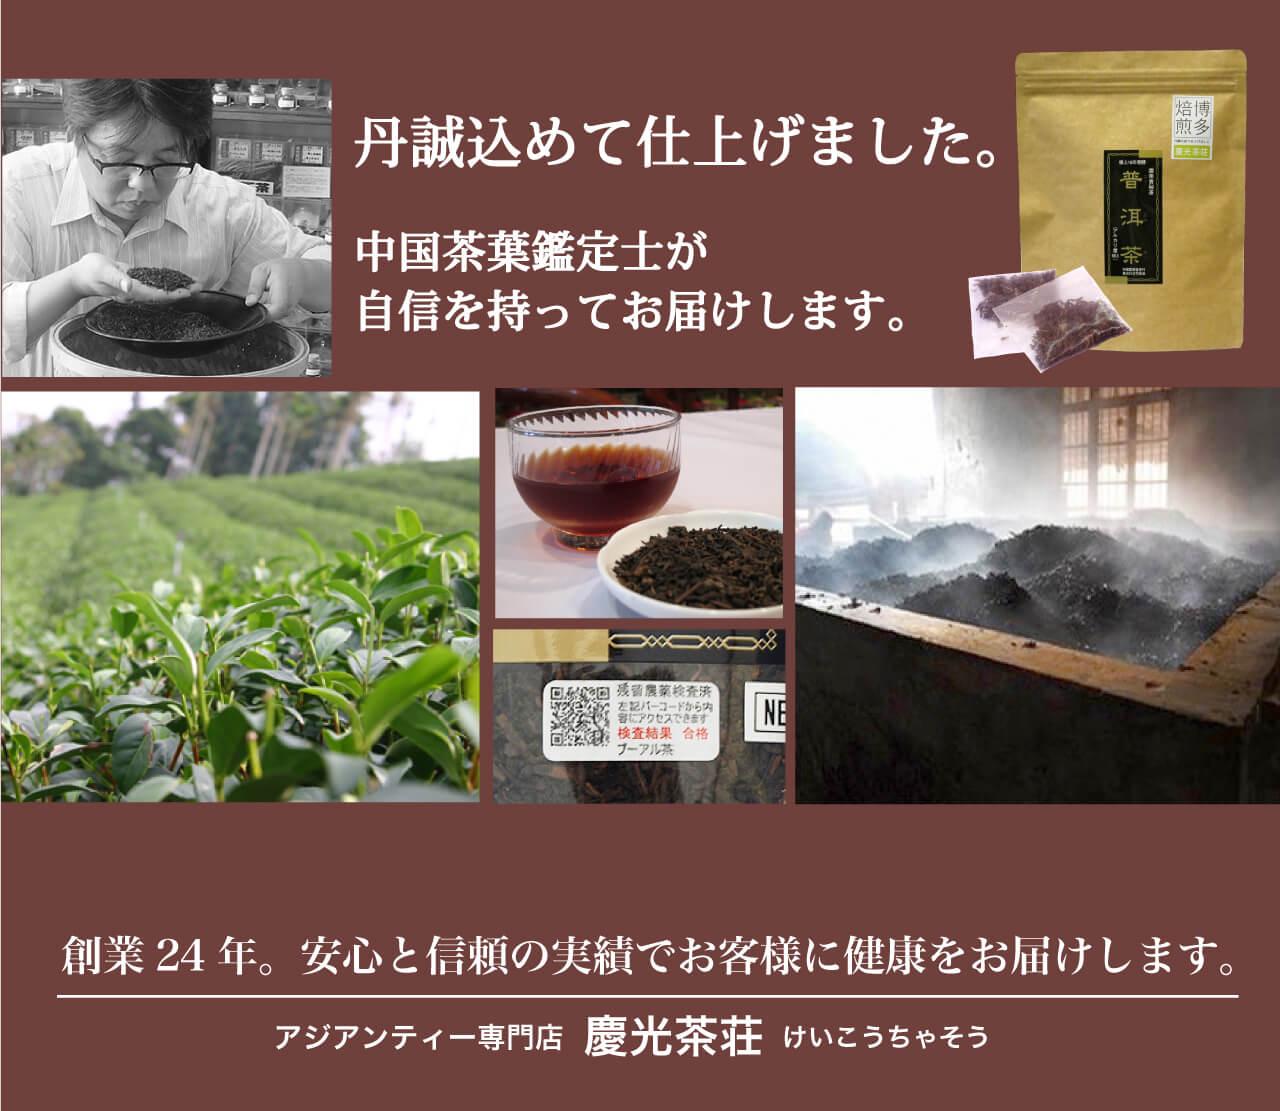 中国茶葉鑑定士がじしんを持ってお届けします 慶光茶荘は創業24年 安心と信頼の実績でお客様に健康をお届けします。アル茶に向き合ってきました